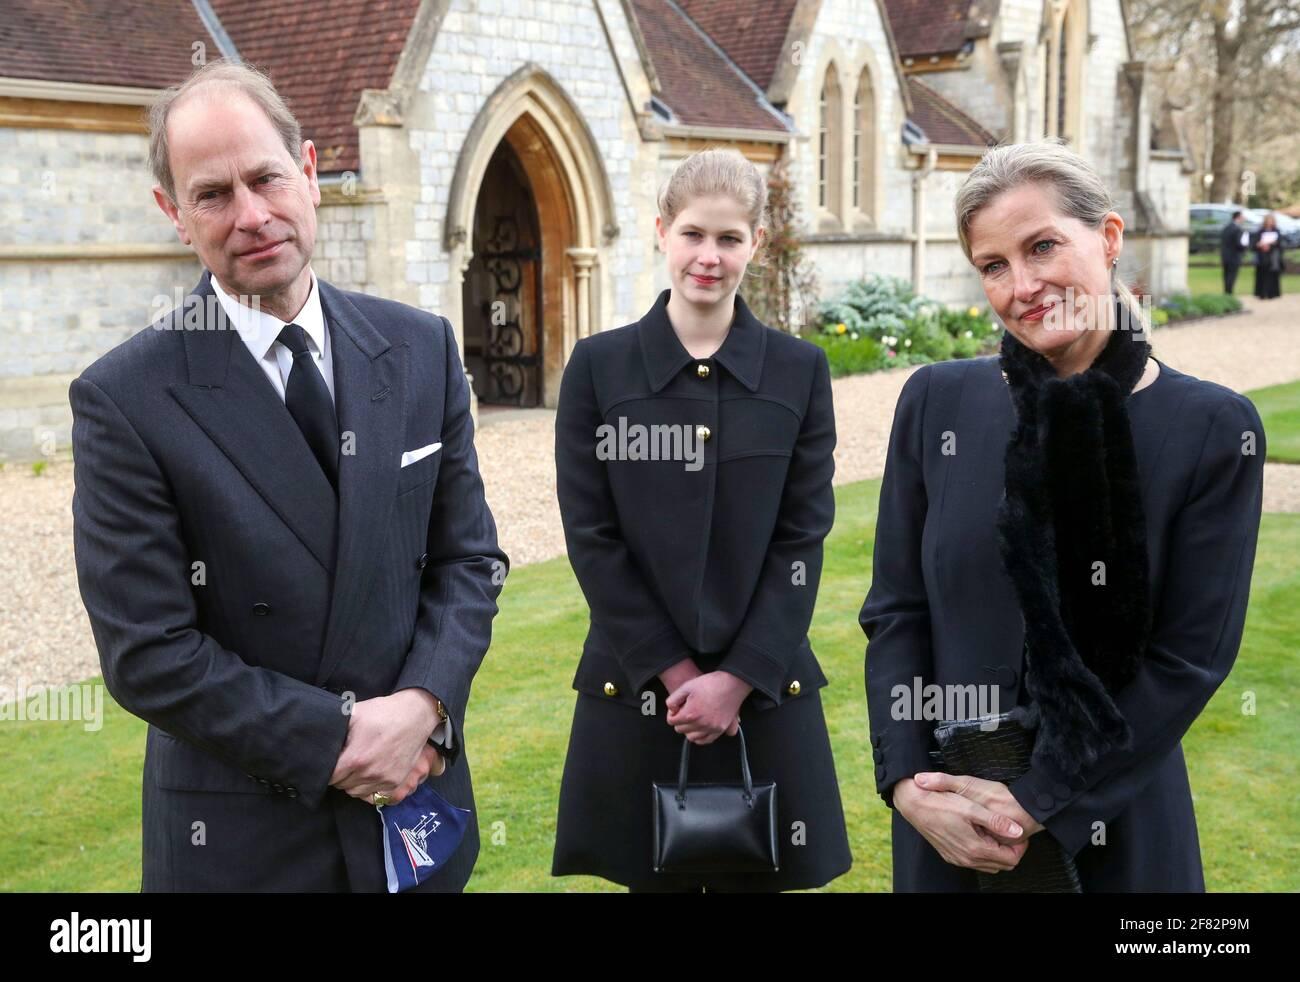 Le comte et la comtesse de Wessex, avec leur fille Lady Louise Windsor, lors d'une interview télévisée à la Chapelle royale des Saints, à Windsor, suite à l'annonce, le vendredi 9 avril, de la mort du duc d'Édimbourg à l'âge de 99 ans. Date de la photo: Dimanche 11 avril 2021. Banque D'Images